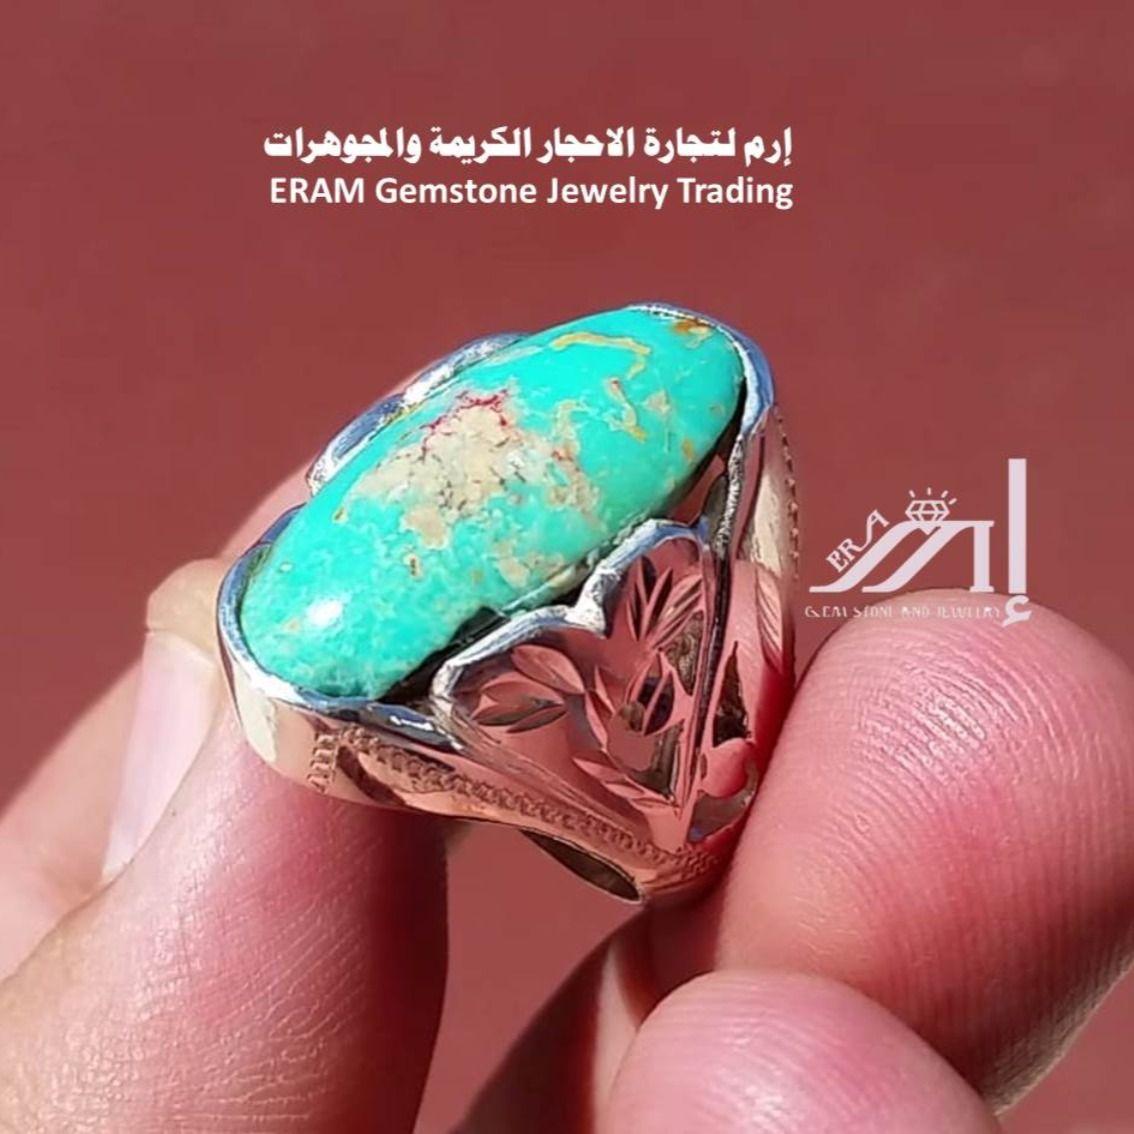 Pin By إرم لتجارة الاحجار الكريمة وال On الخواتم النسائي Turquoise Ring Turquoise Rings